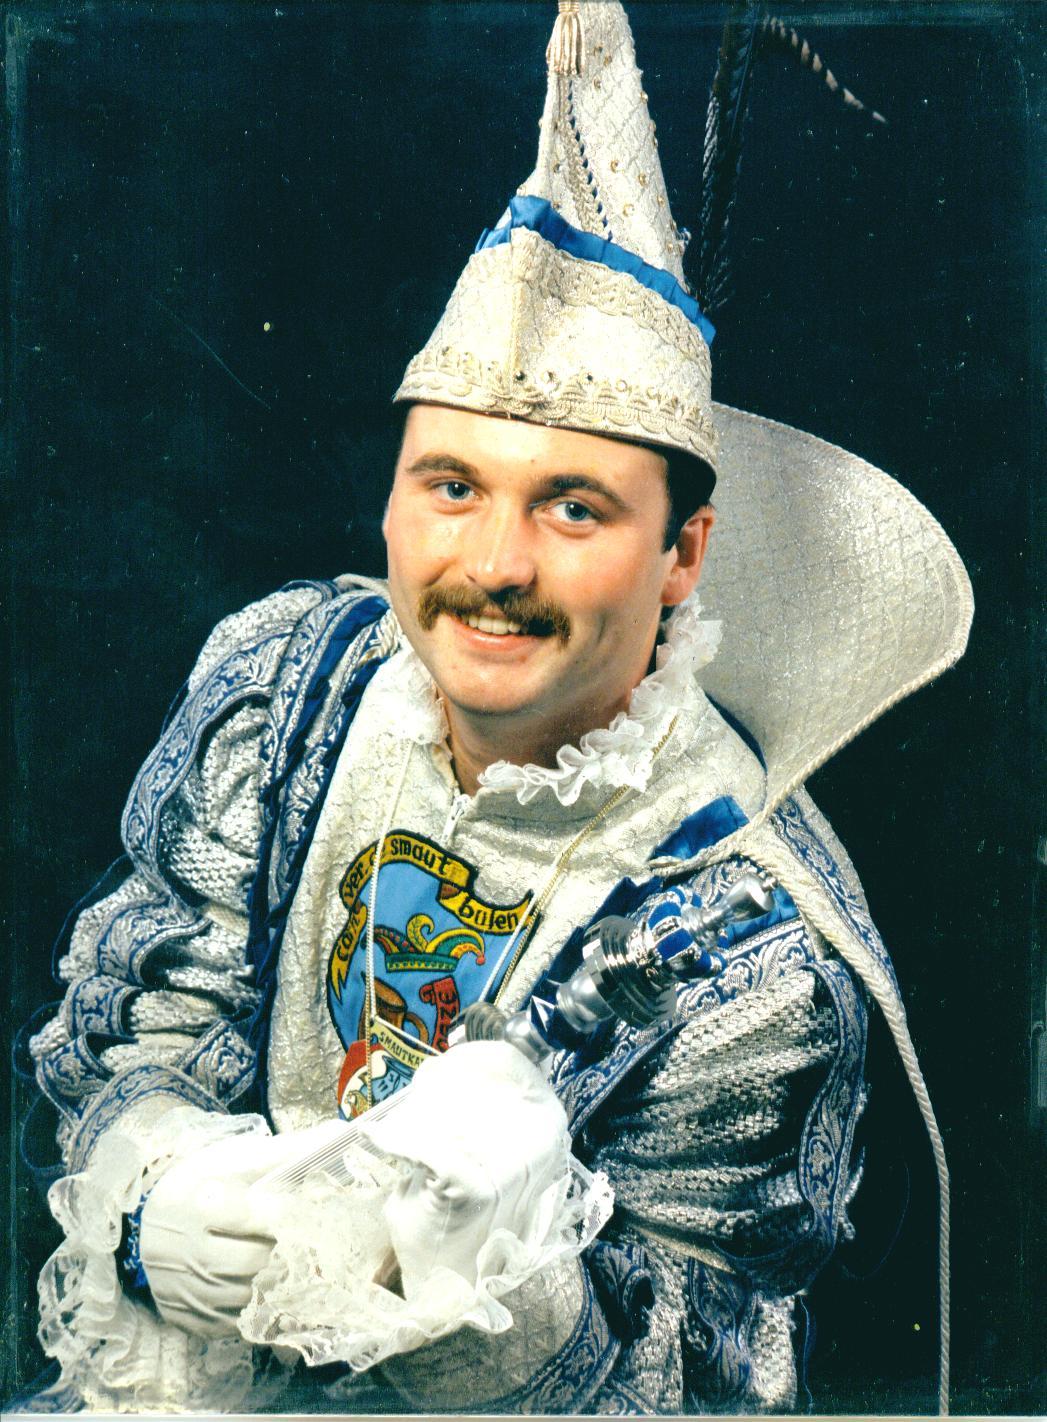 1985 Prins Niek (I) Lumens